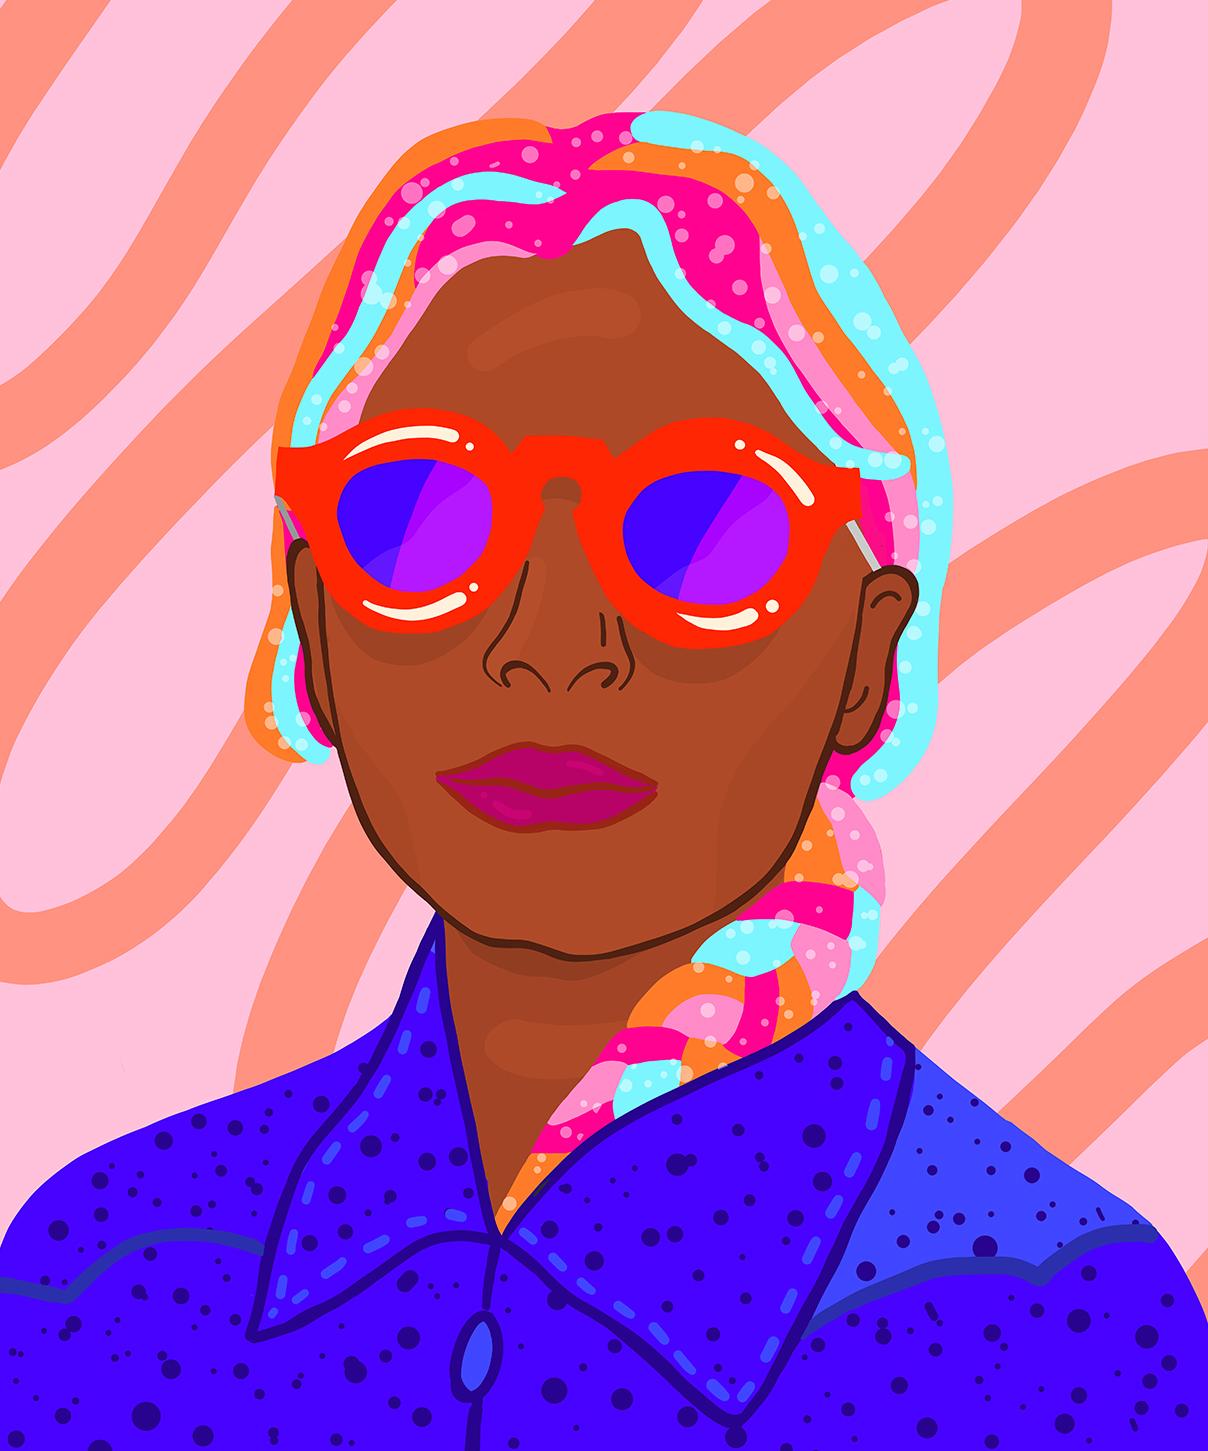 Illustrations_JadePurpleBrown